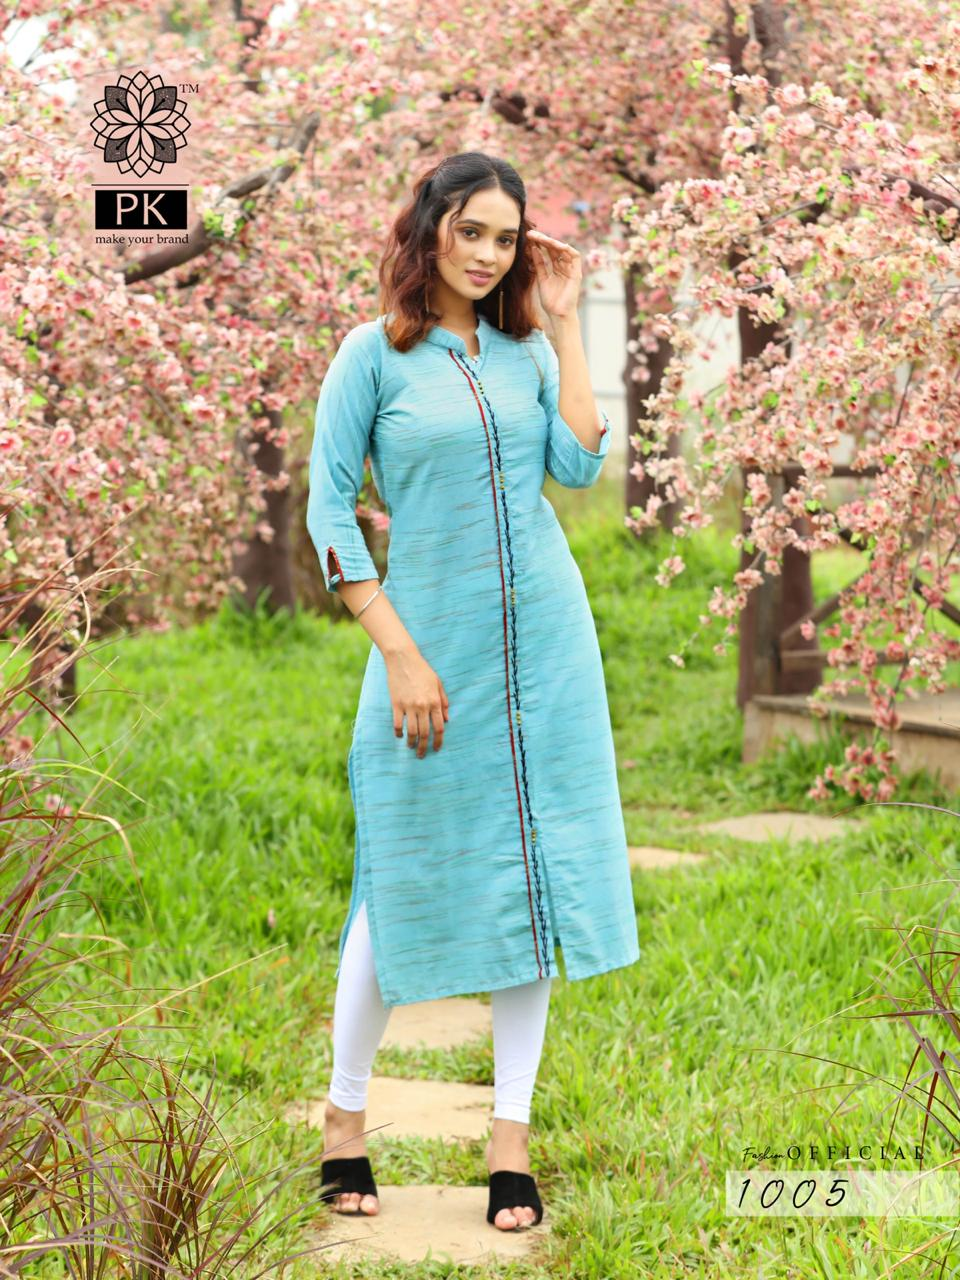 Pk Fashion Official Vol 1 Kurti Wholesale Catalog 9 Pcs 6 - Pk Fashion Official Vol 1 Kurti Wholesale Catalog 9 Pcs